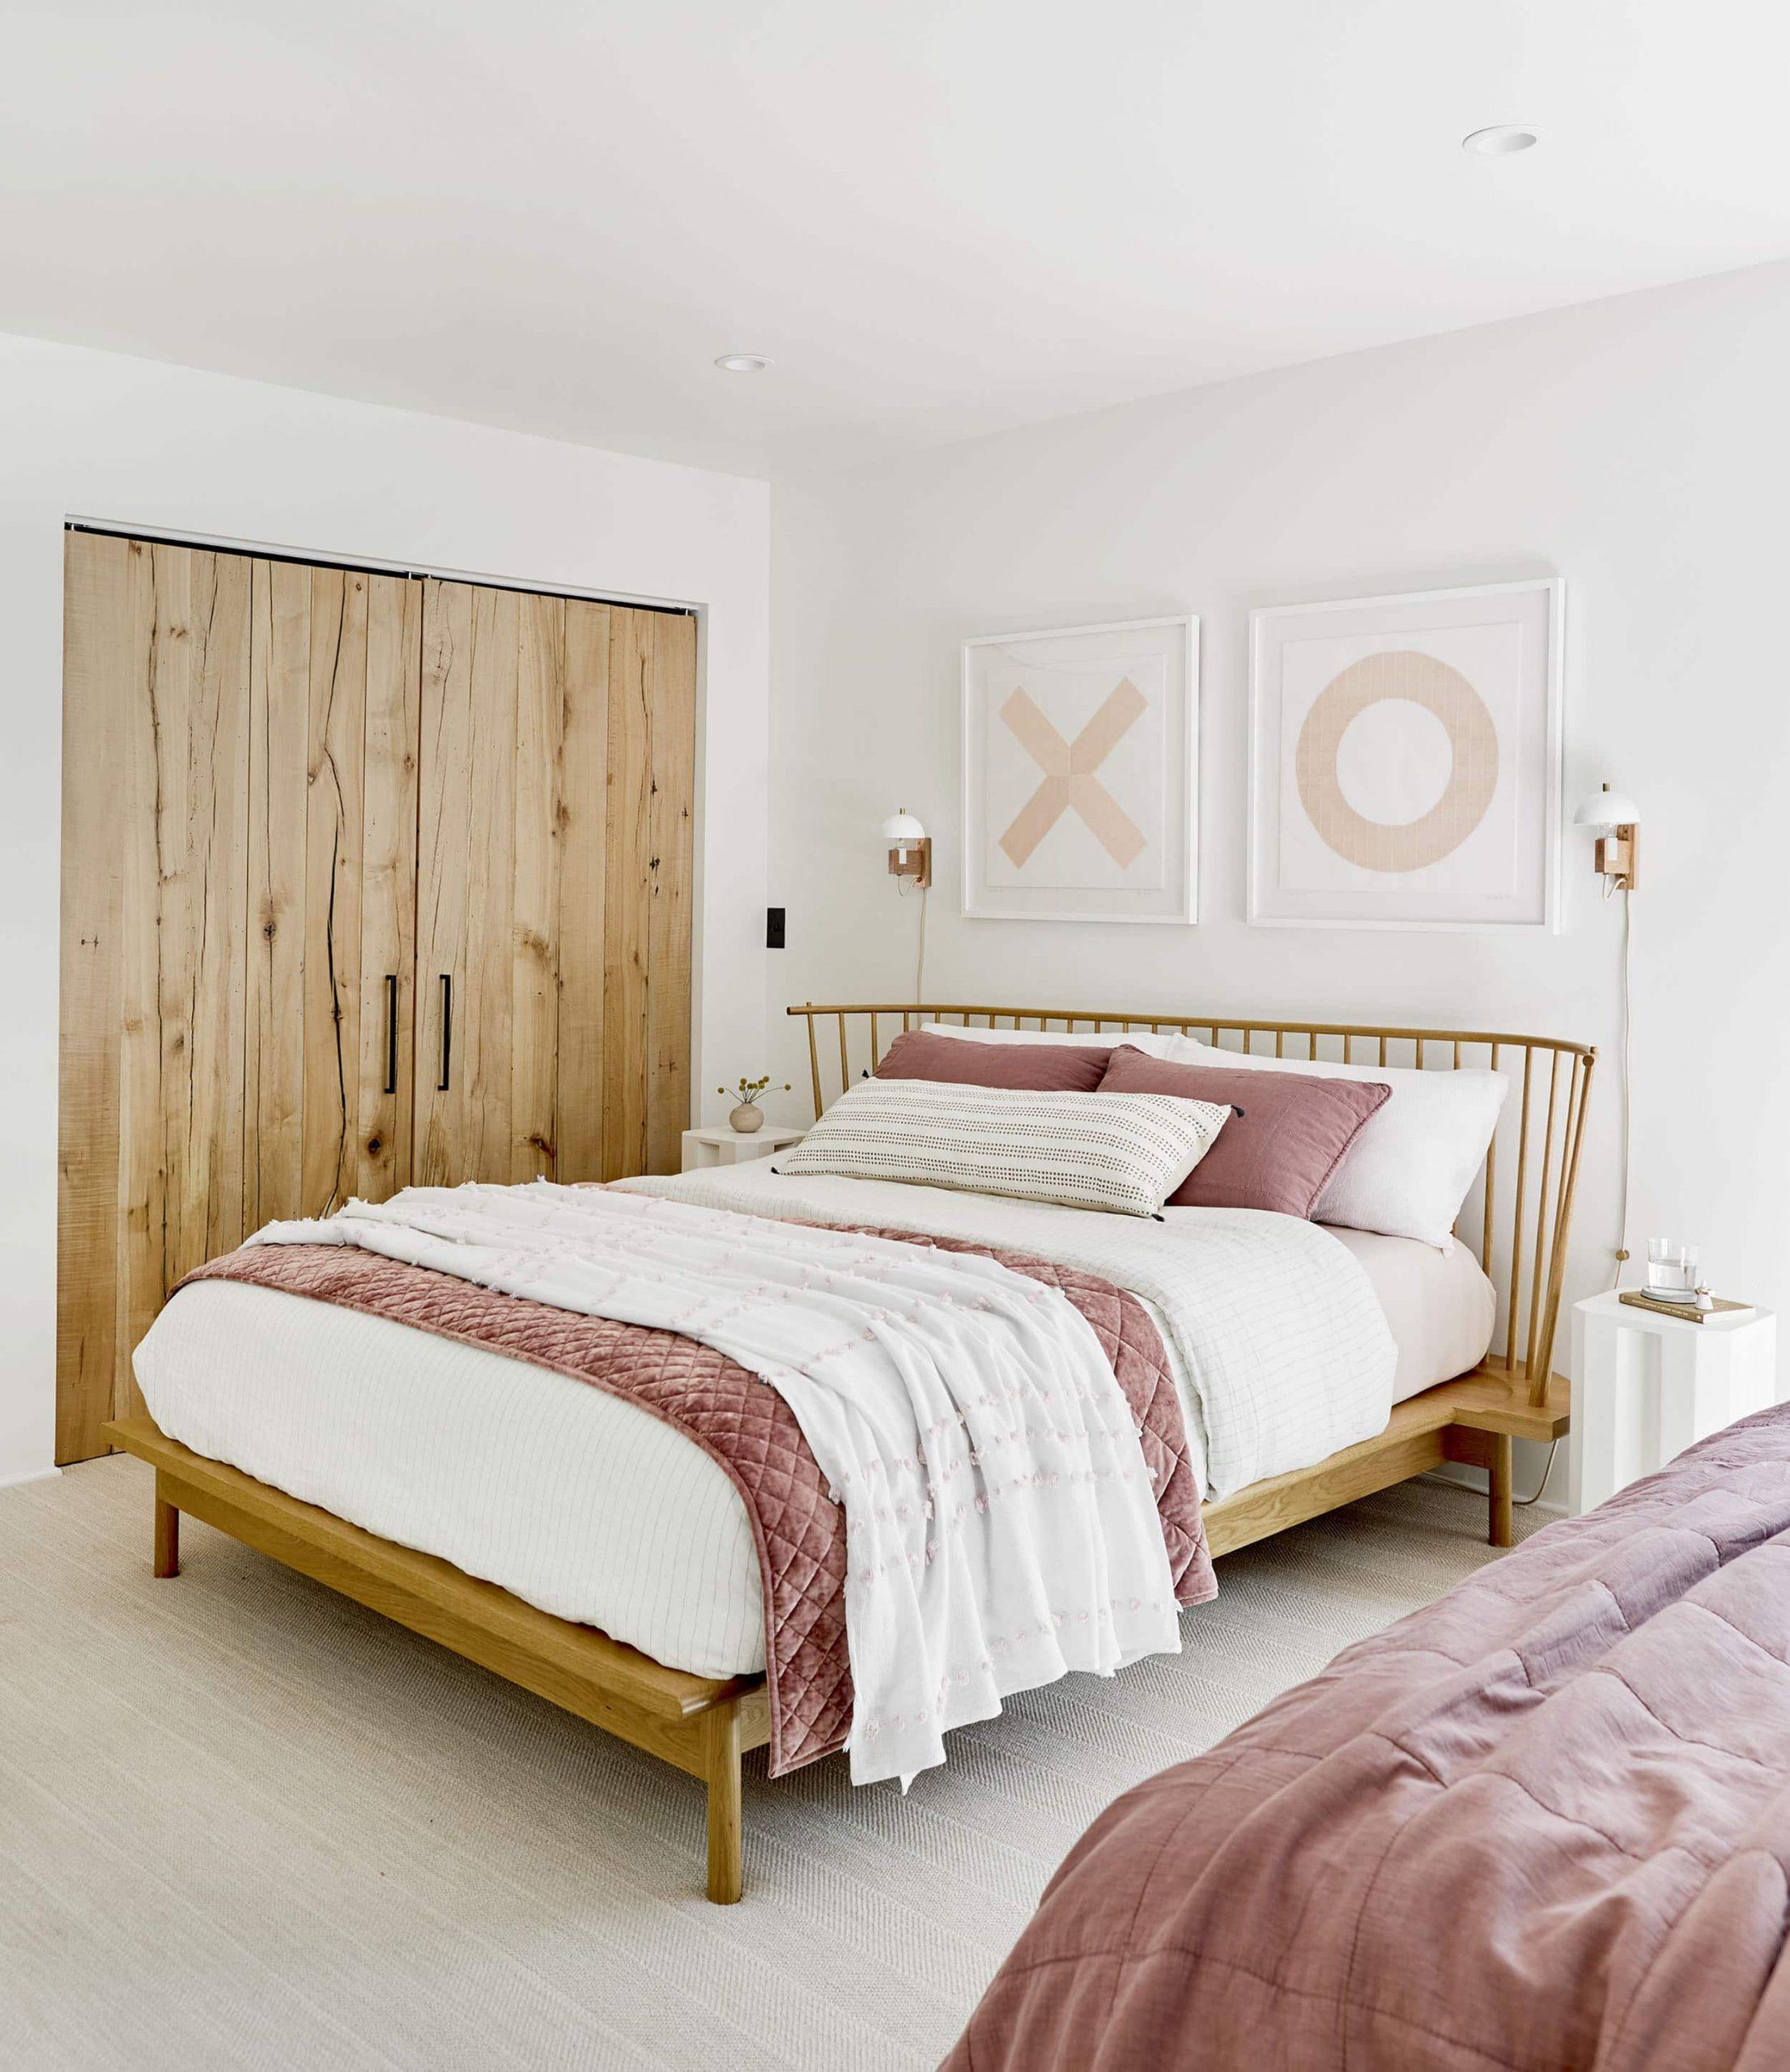 Nội thất phòng ngủ bằng gỗ